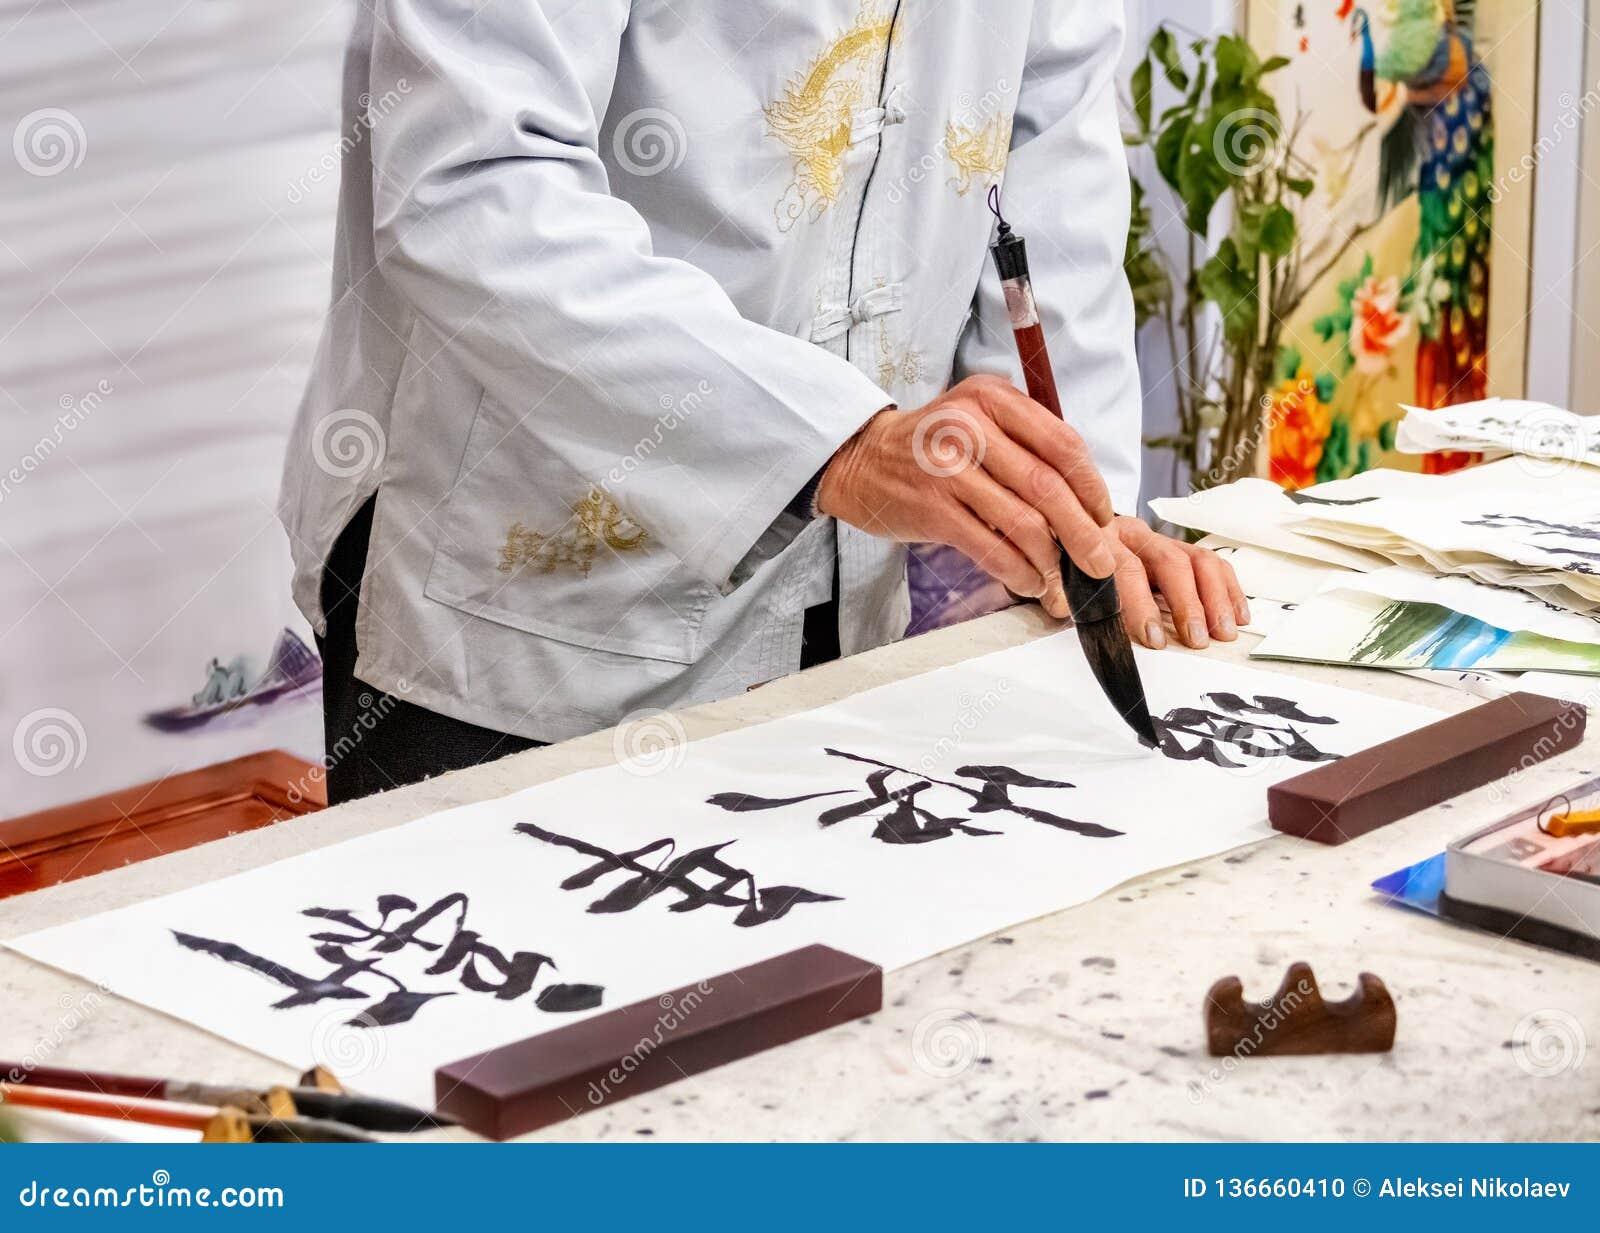 Ασιατική καλλιγραφία Ο κύριος της κινεζικής καλλιγραφίας γράφει στους χαρακτήρες και hieroglyphs εγγράφου ρυζιού που διαβάζουν Xi